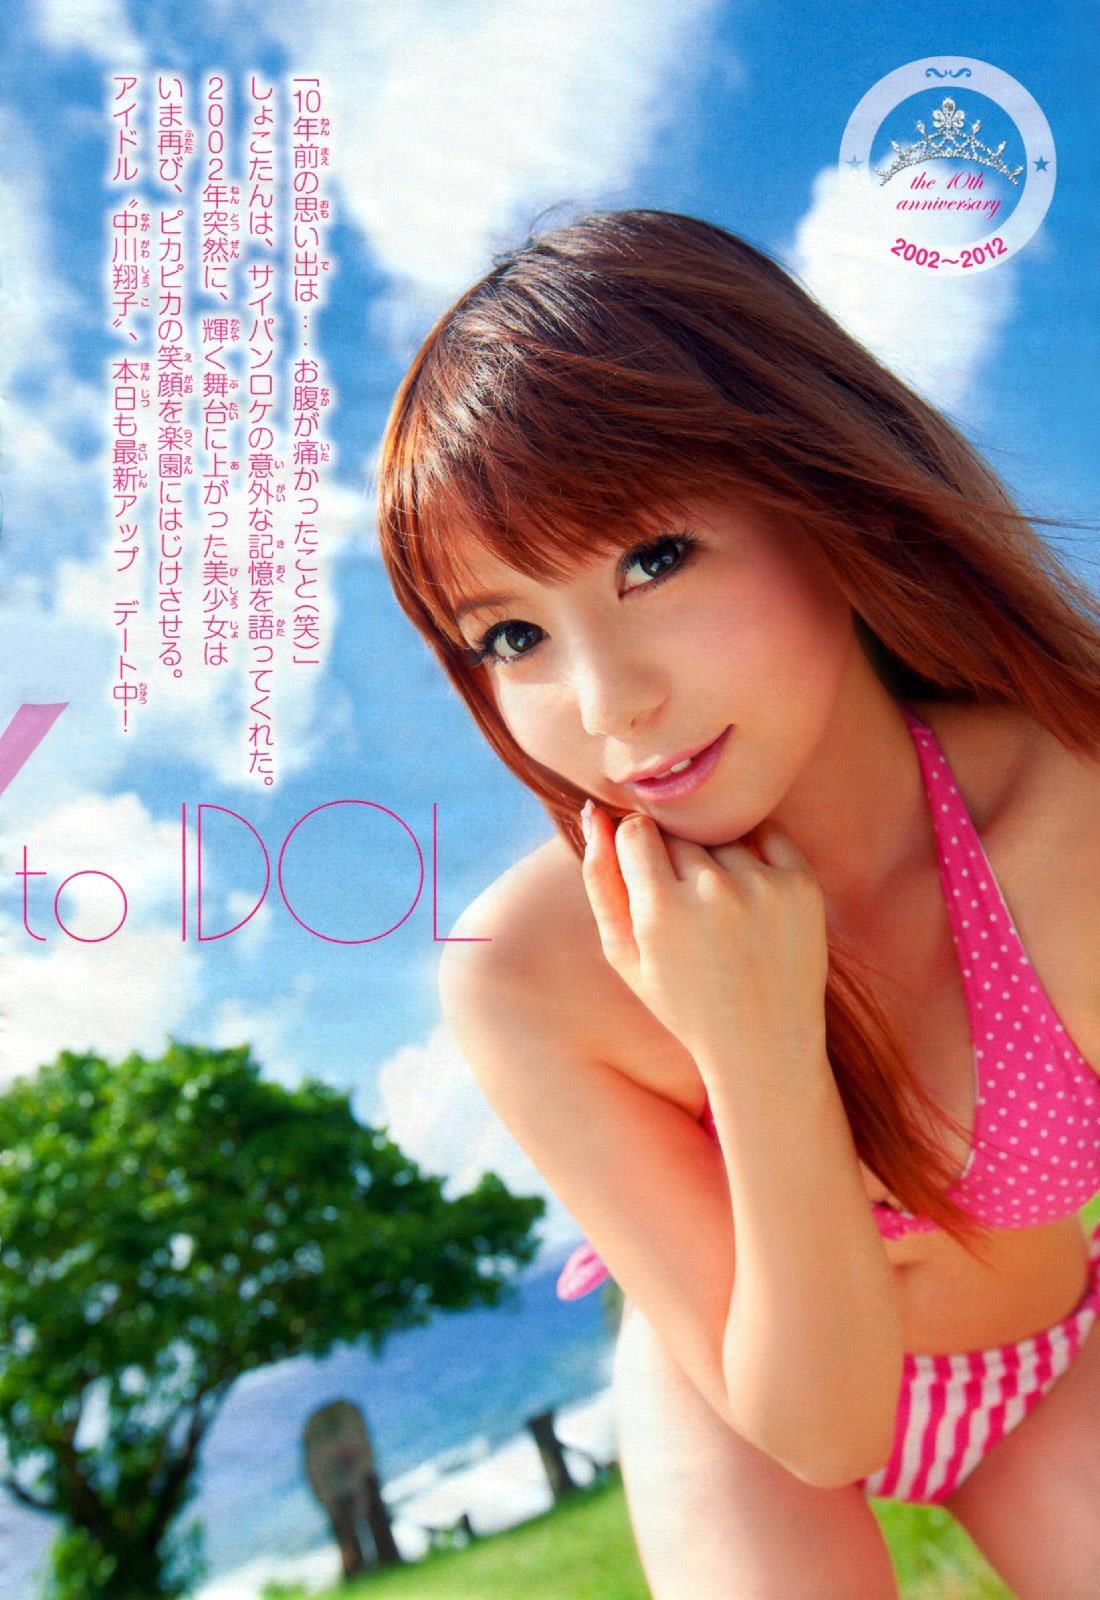 中川翔子 画像 124